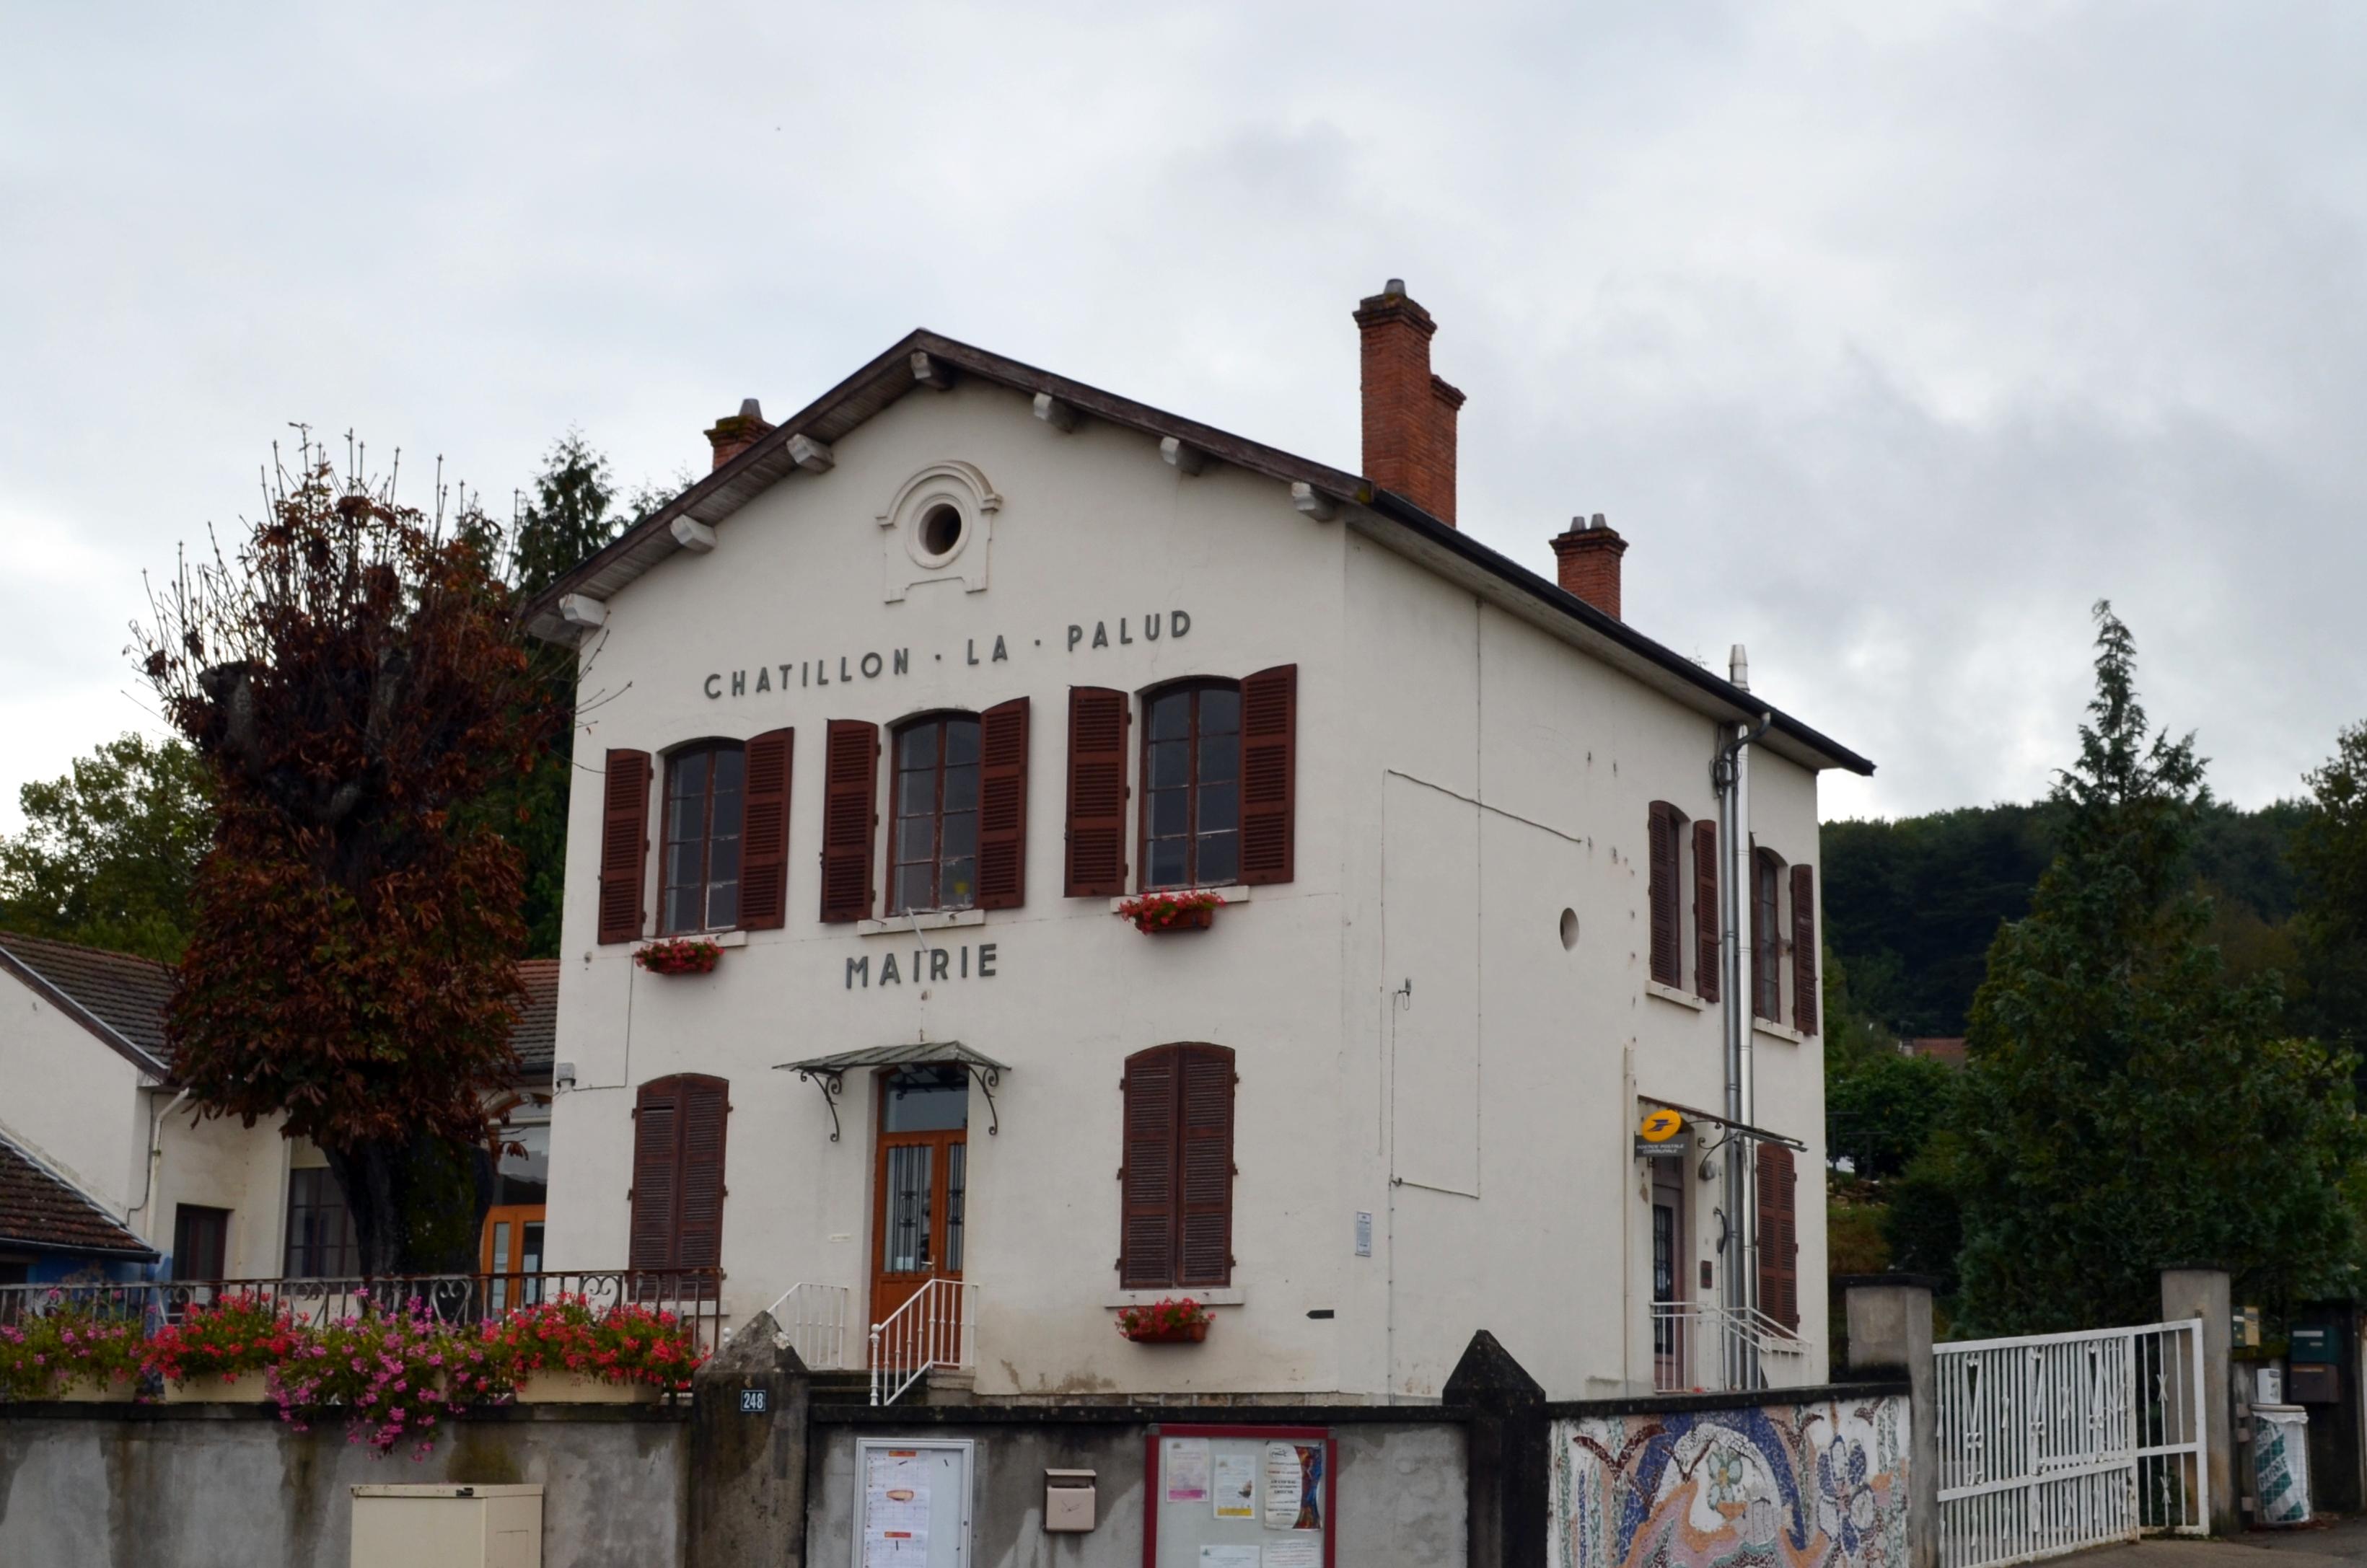 Châtillon-la-Palud